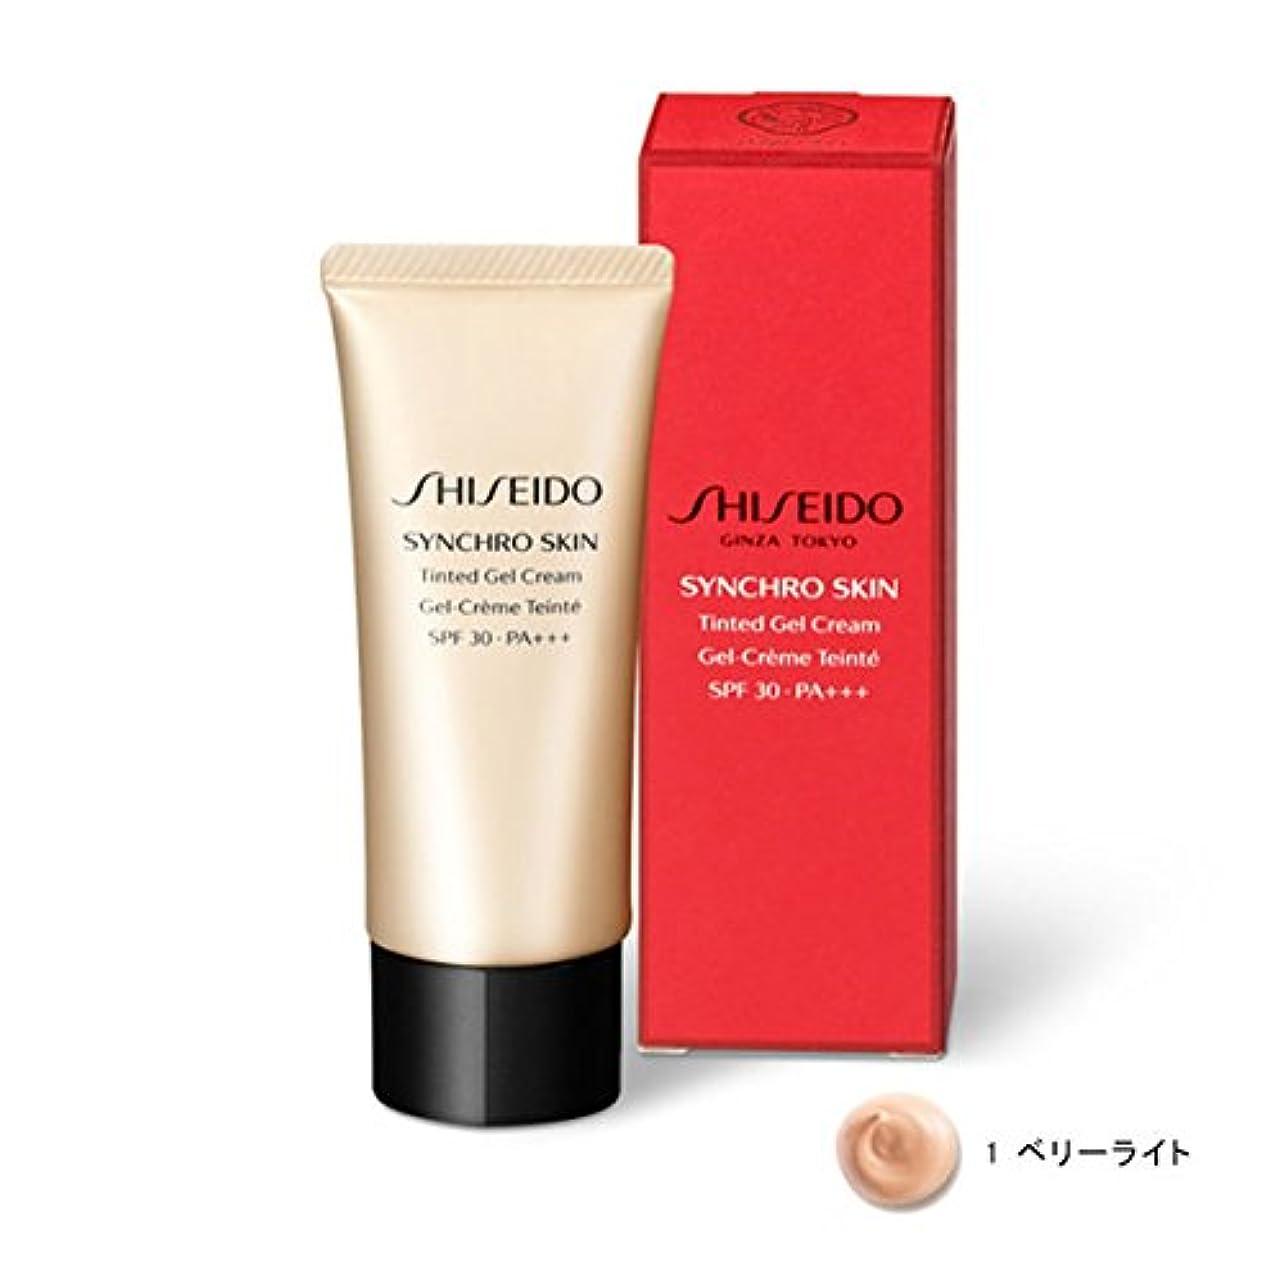 ラバコンデンサーはぁSHISEIDO Makeup(資生堂 メーキャップ) SHISEIDO(資生堂) シンクロスキン ティンティッド ジェルクリーム (1 ベリーライト)